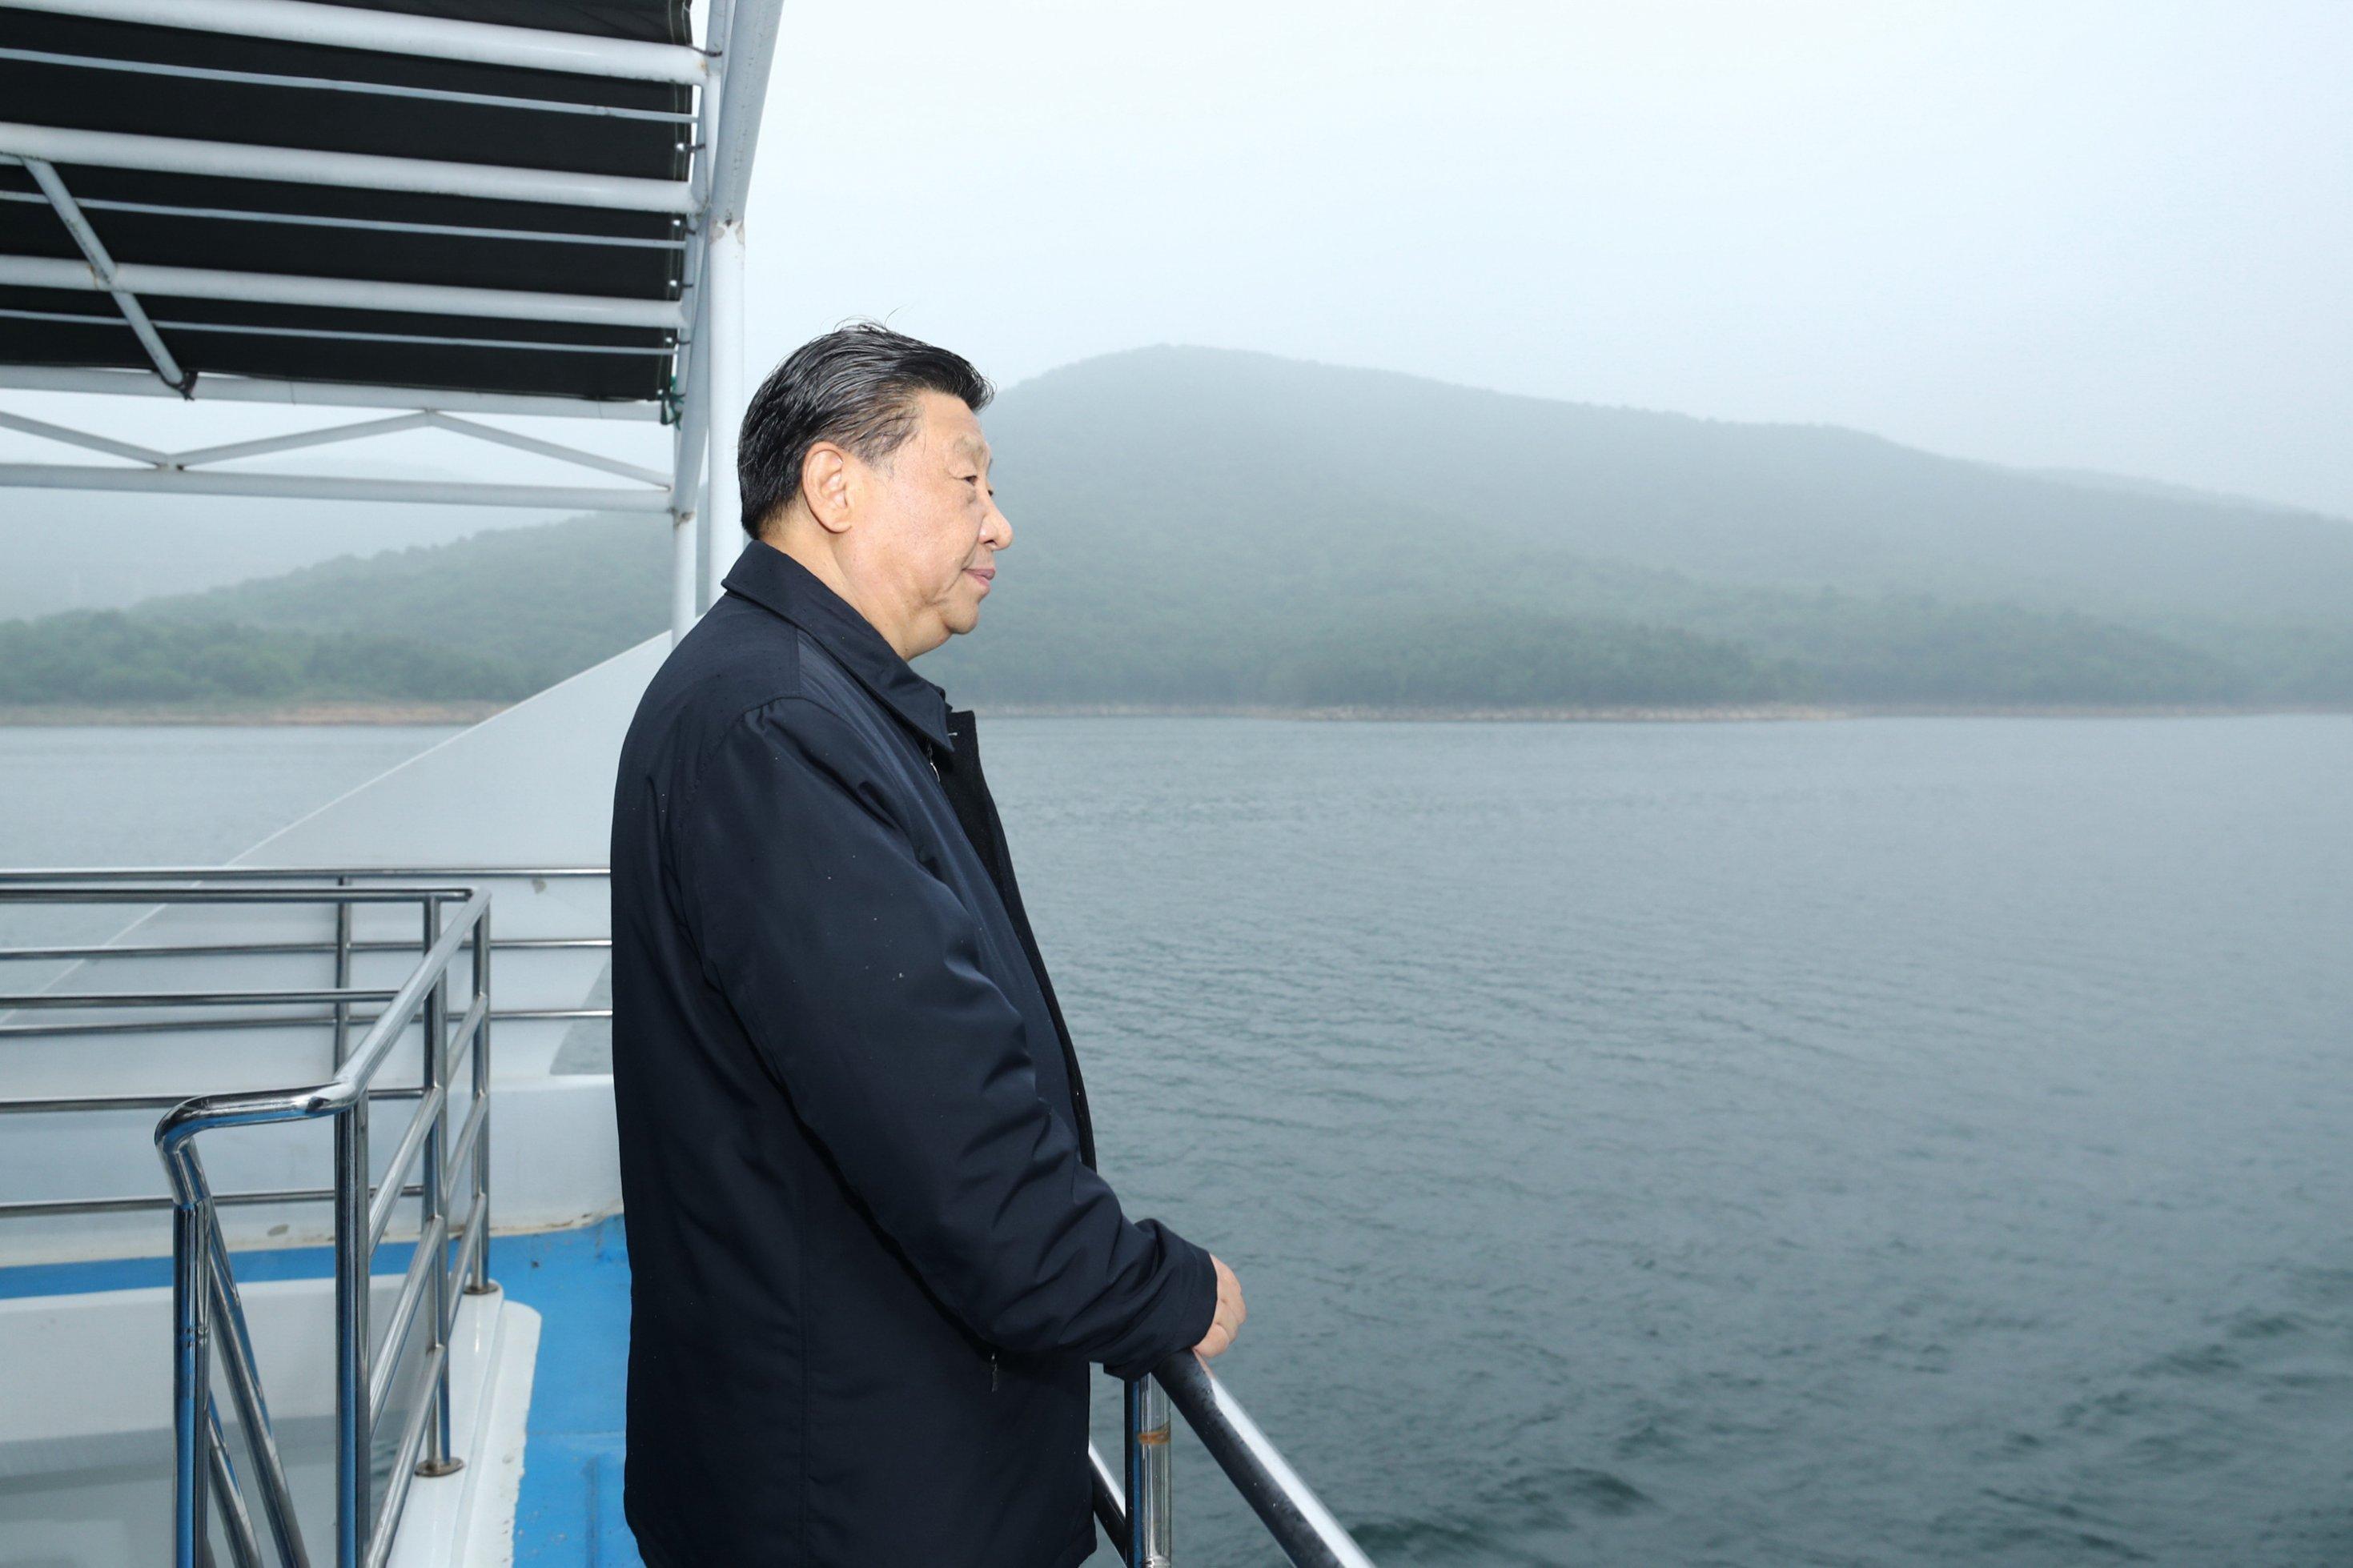 Xi Jinping steht an der Reling eines Bootes und schaut auf einen See.